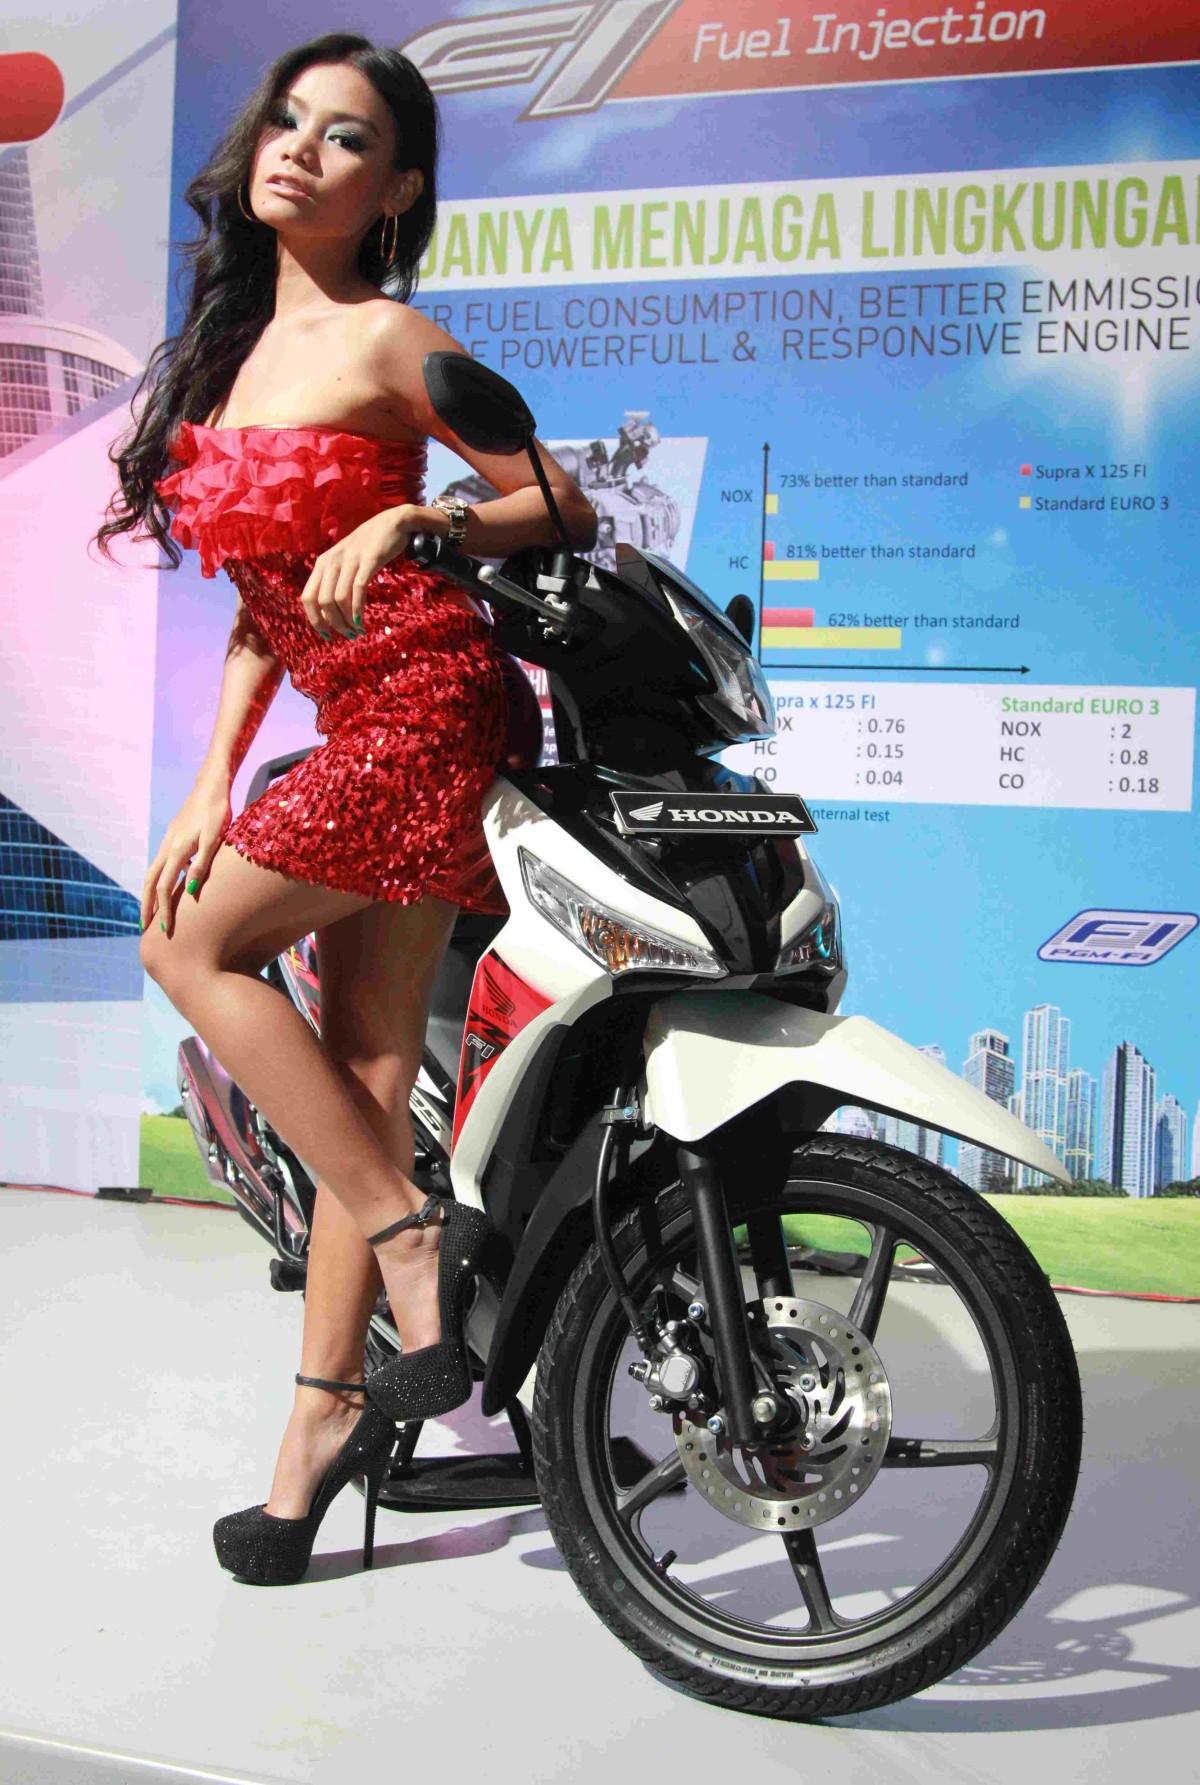 New Supra X 125 FI, Pengganti Supra X 125 Karbu, Rubah Body, Ada Charger handphone dan tembus 61,8 km/liter (ECR40)